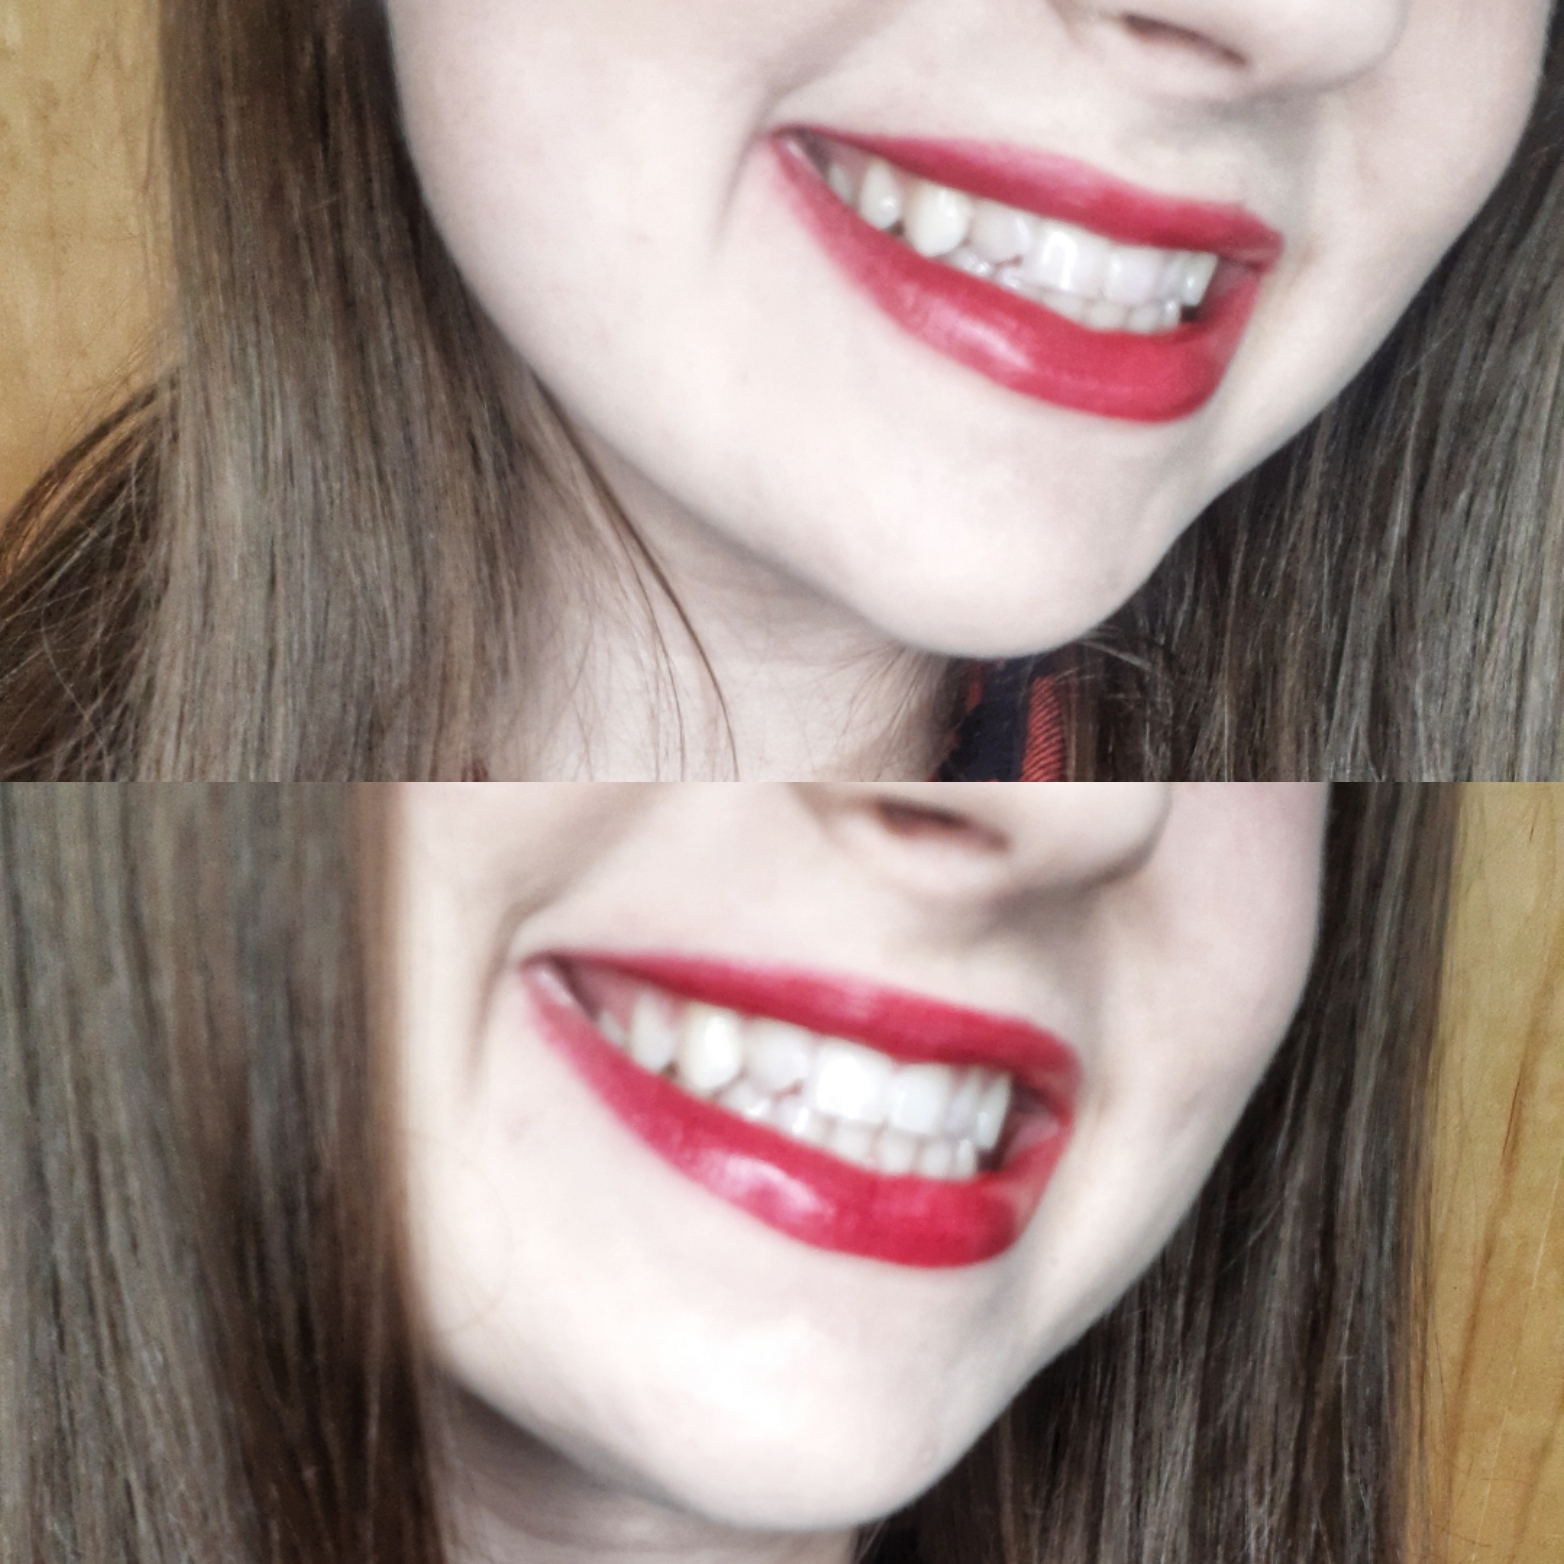 izbjeljivanje zuba hello smile olovka